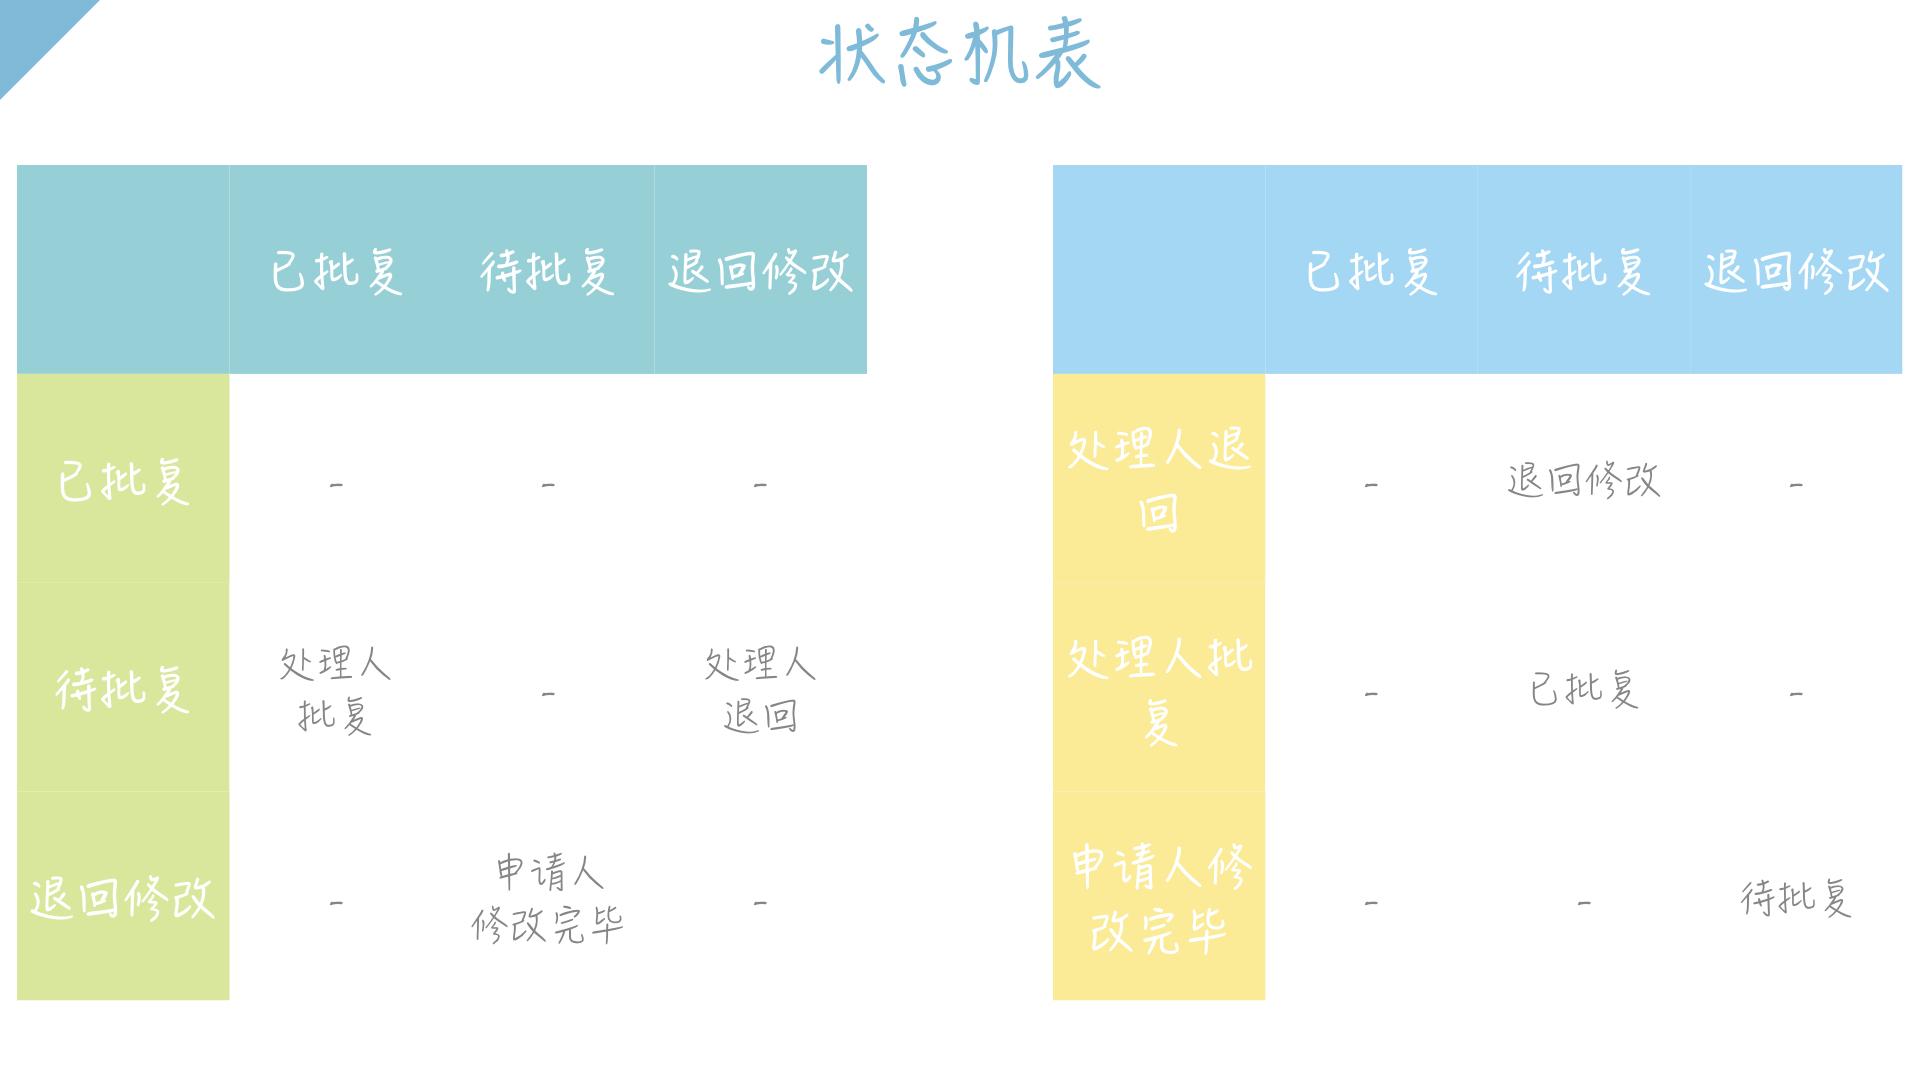 产品经理系列:让产品经理一目了然的状态机图插图(4)